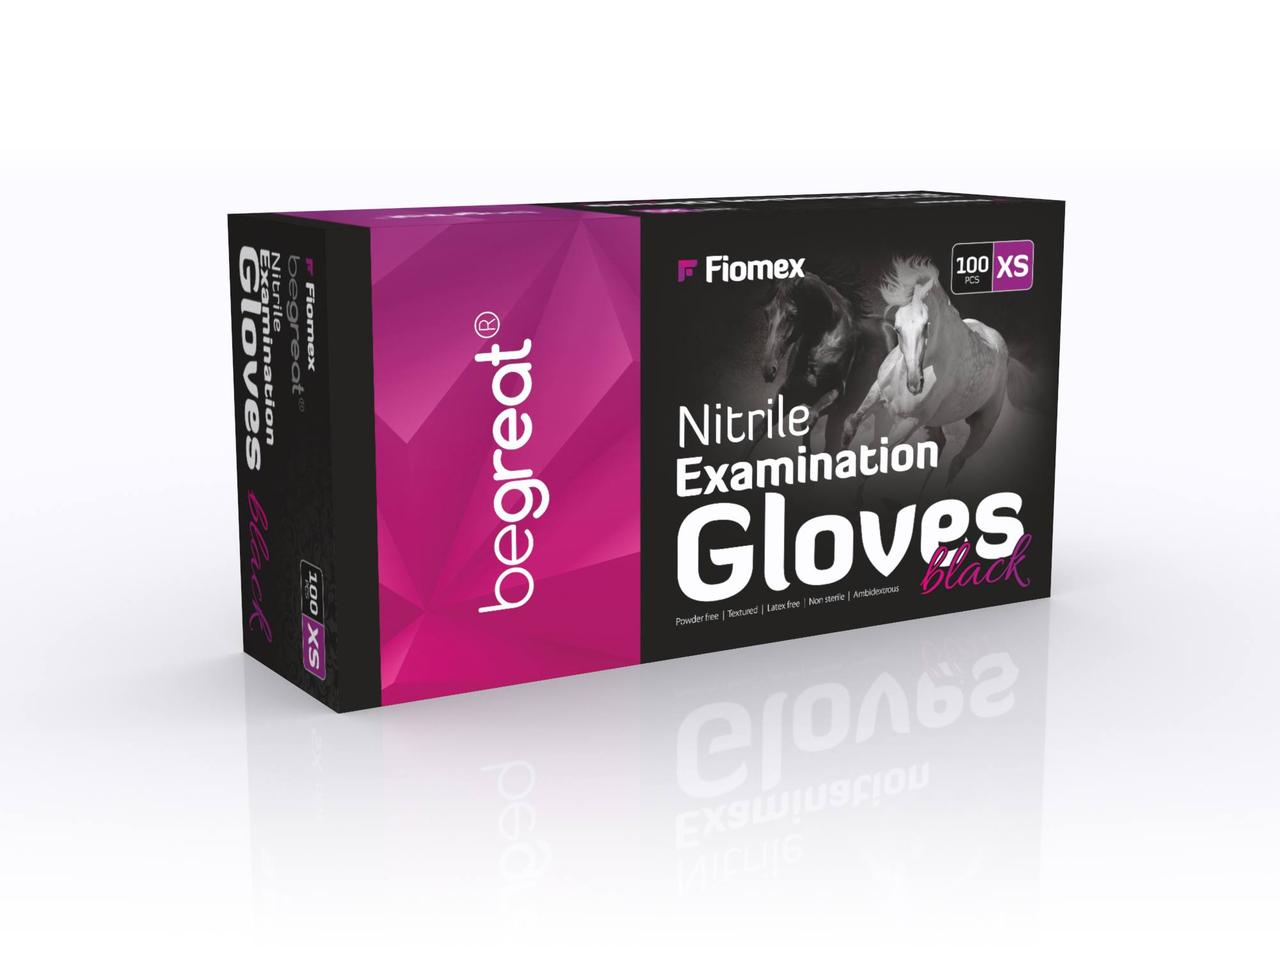 Рукавички нітрилові Fiomex Black, premium - 100 шт/уп, XS